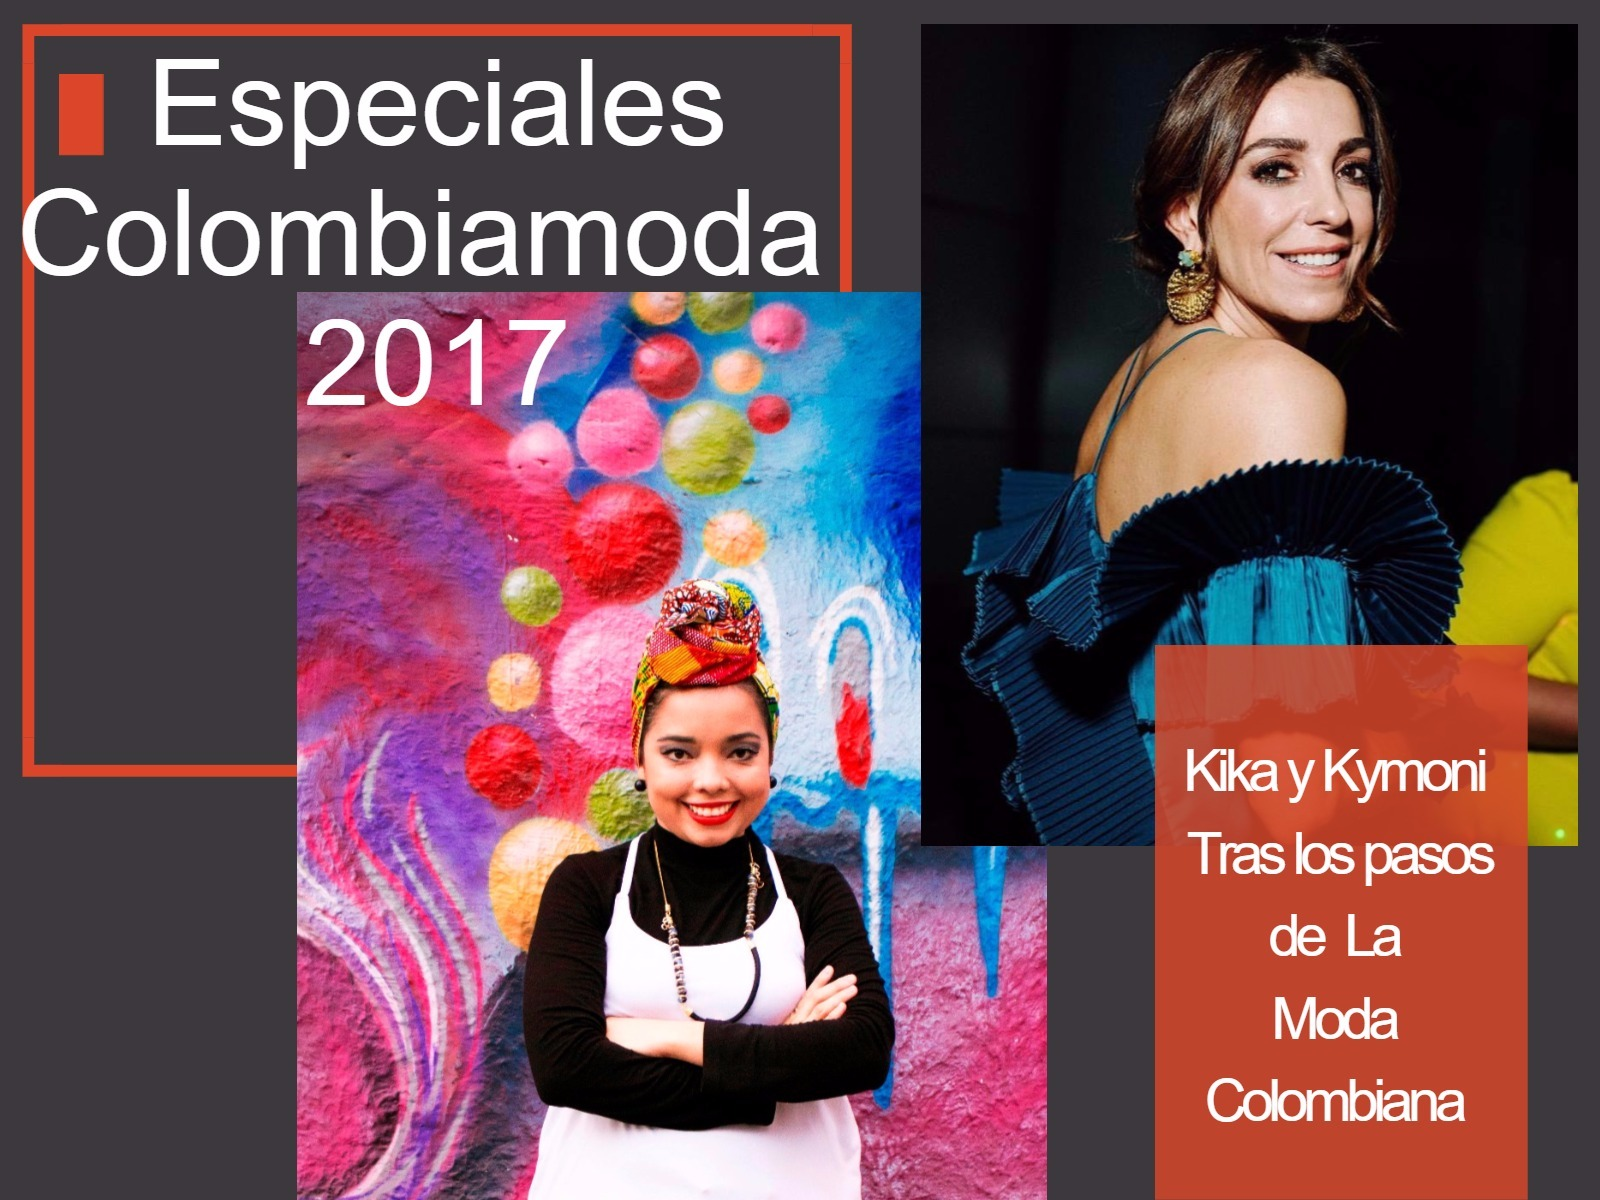 ESPECIALES COLOMBIAMODA 2017